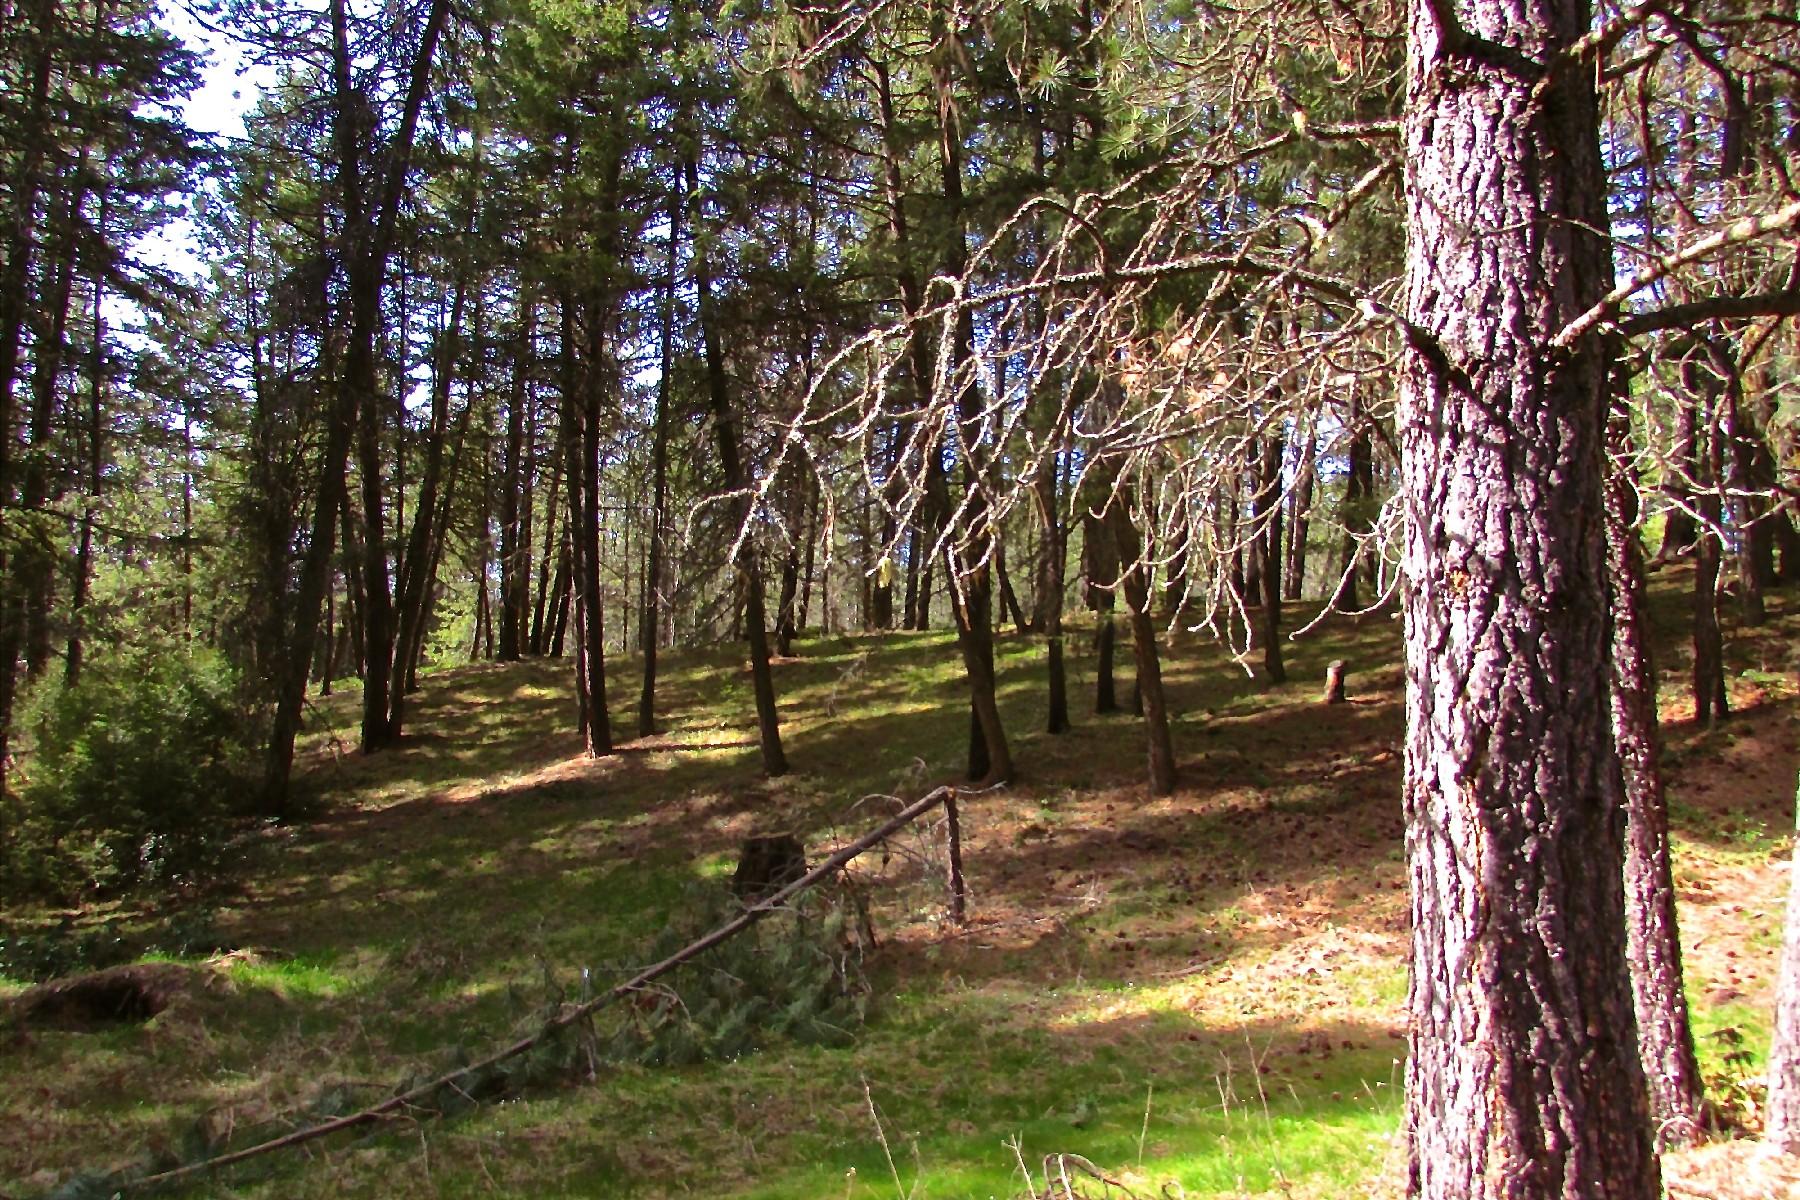 Terreno por un Venta en On the 19th Hole! NKA Blk1 lot 15/16 Hanaford Blanchard, Idaho, 83804 Estados Unidos